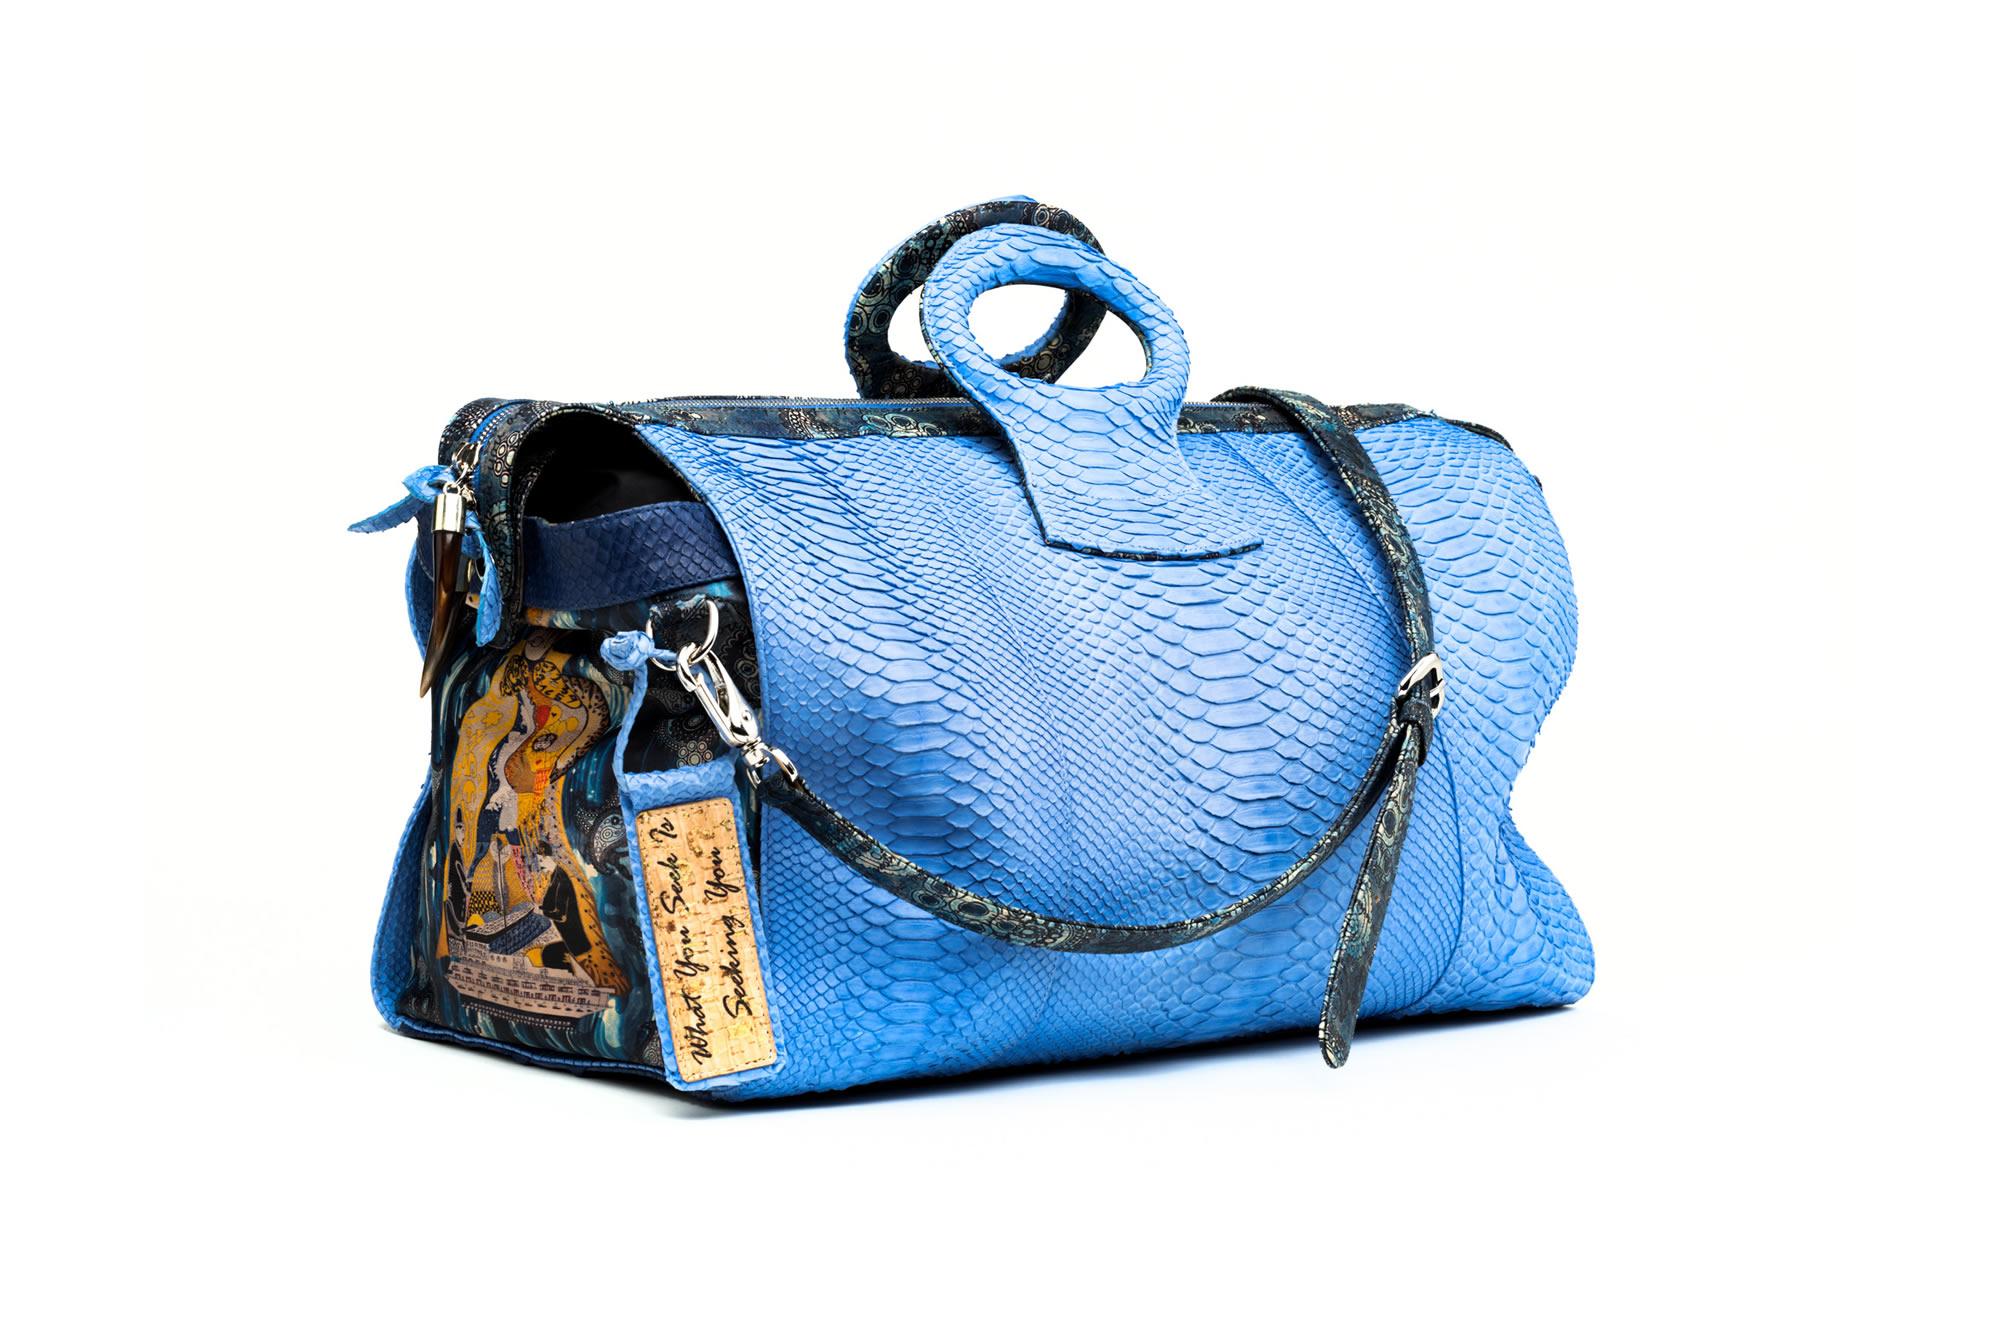 DUFFEL BLUE PYTHON LADY CHARITY